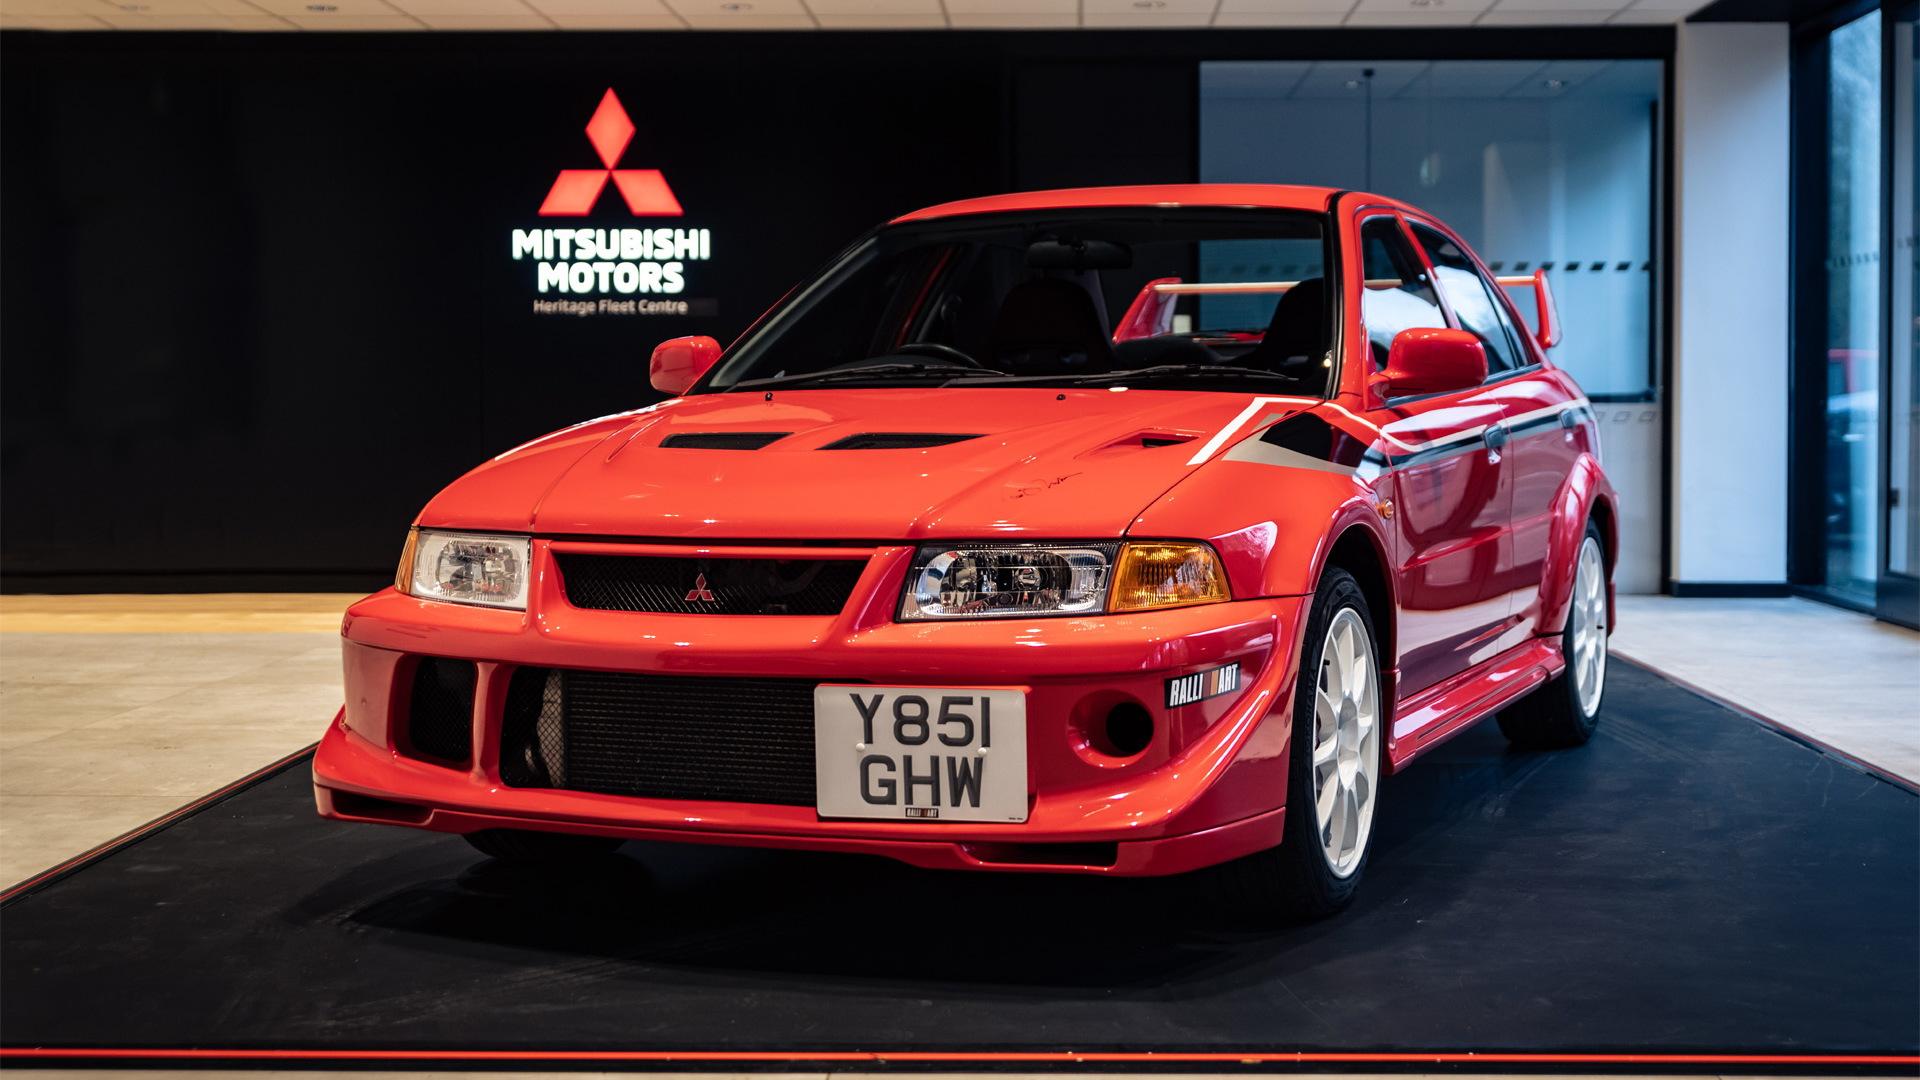 2001 Mitsubishi Lancer Evolution VI Tommi Makinen